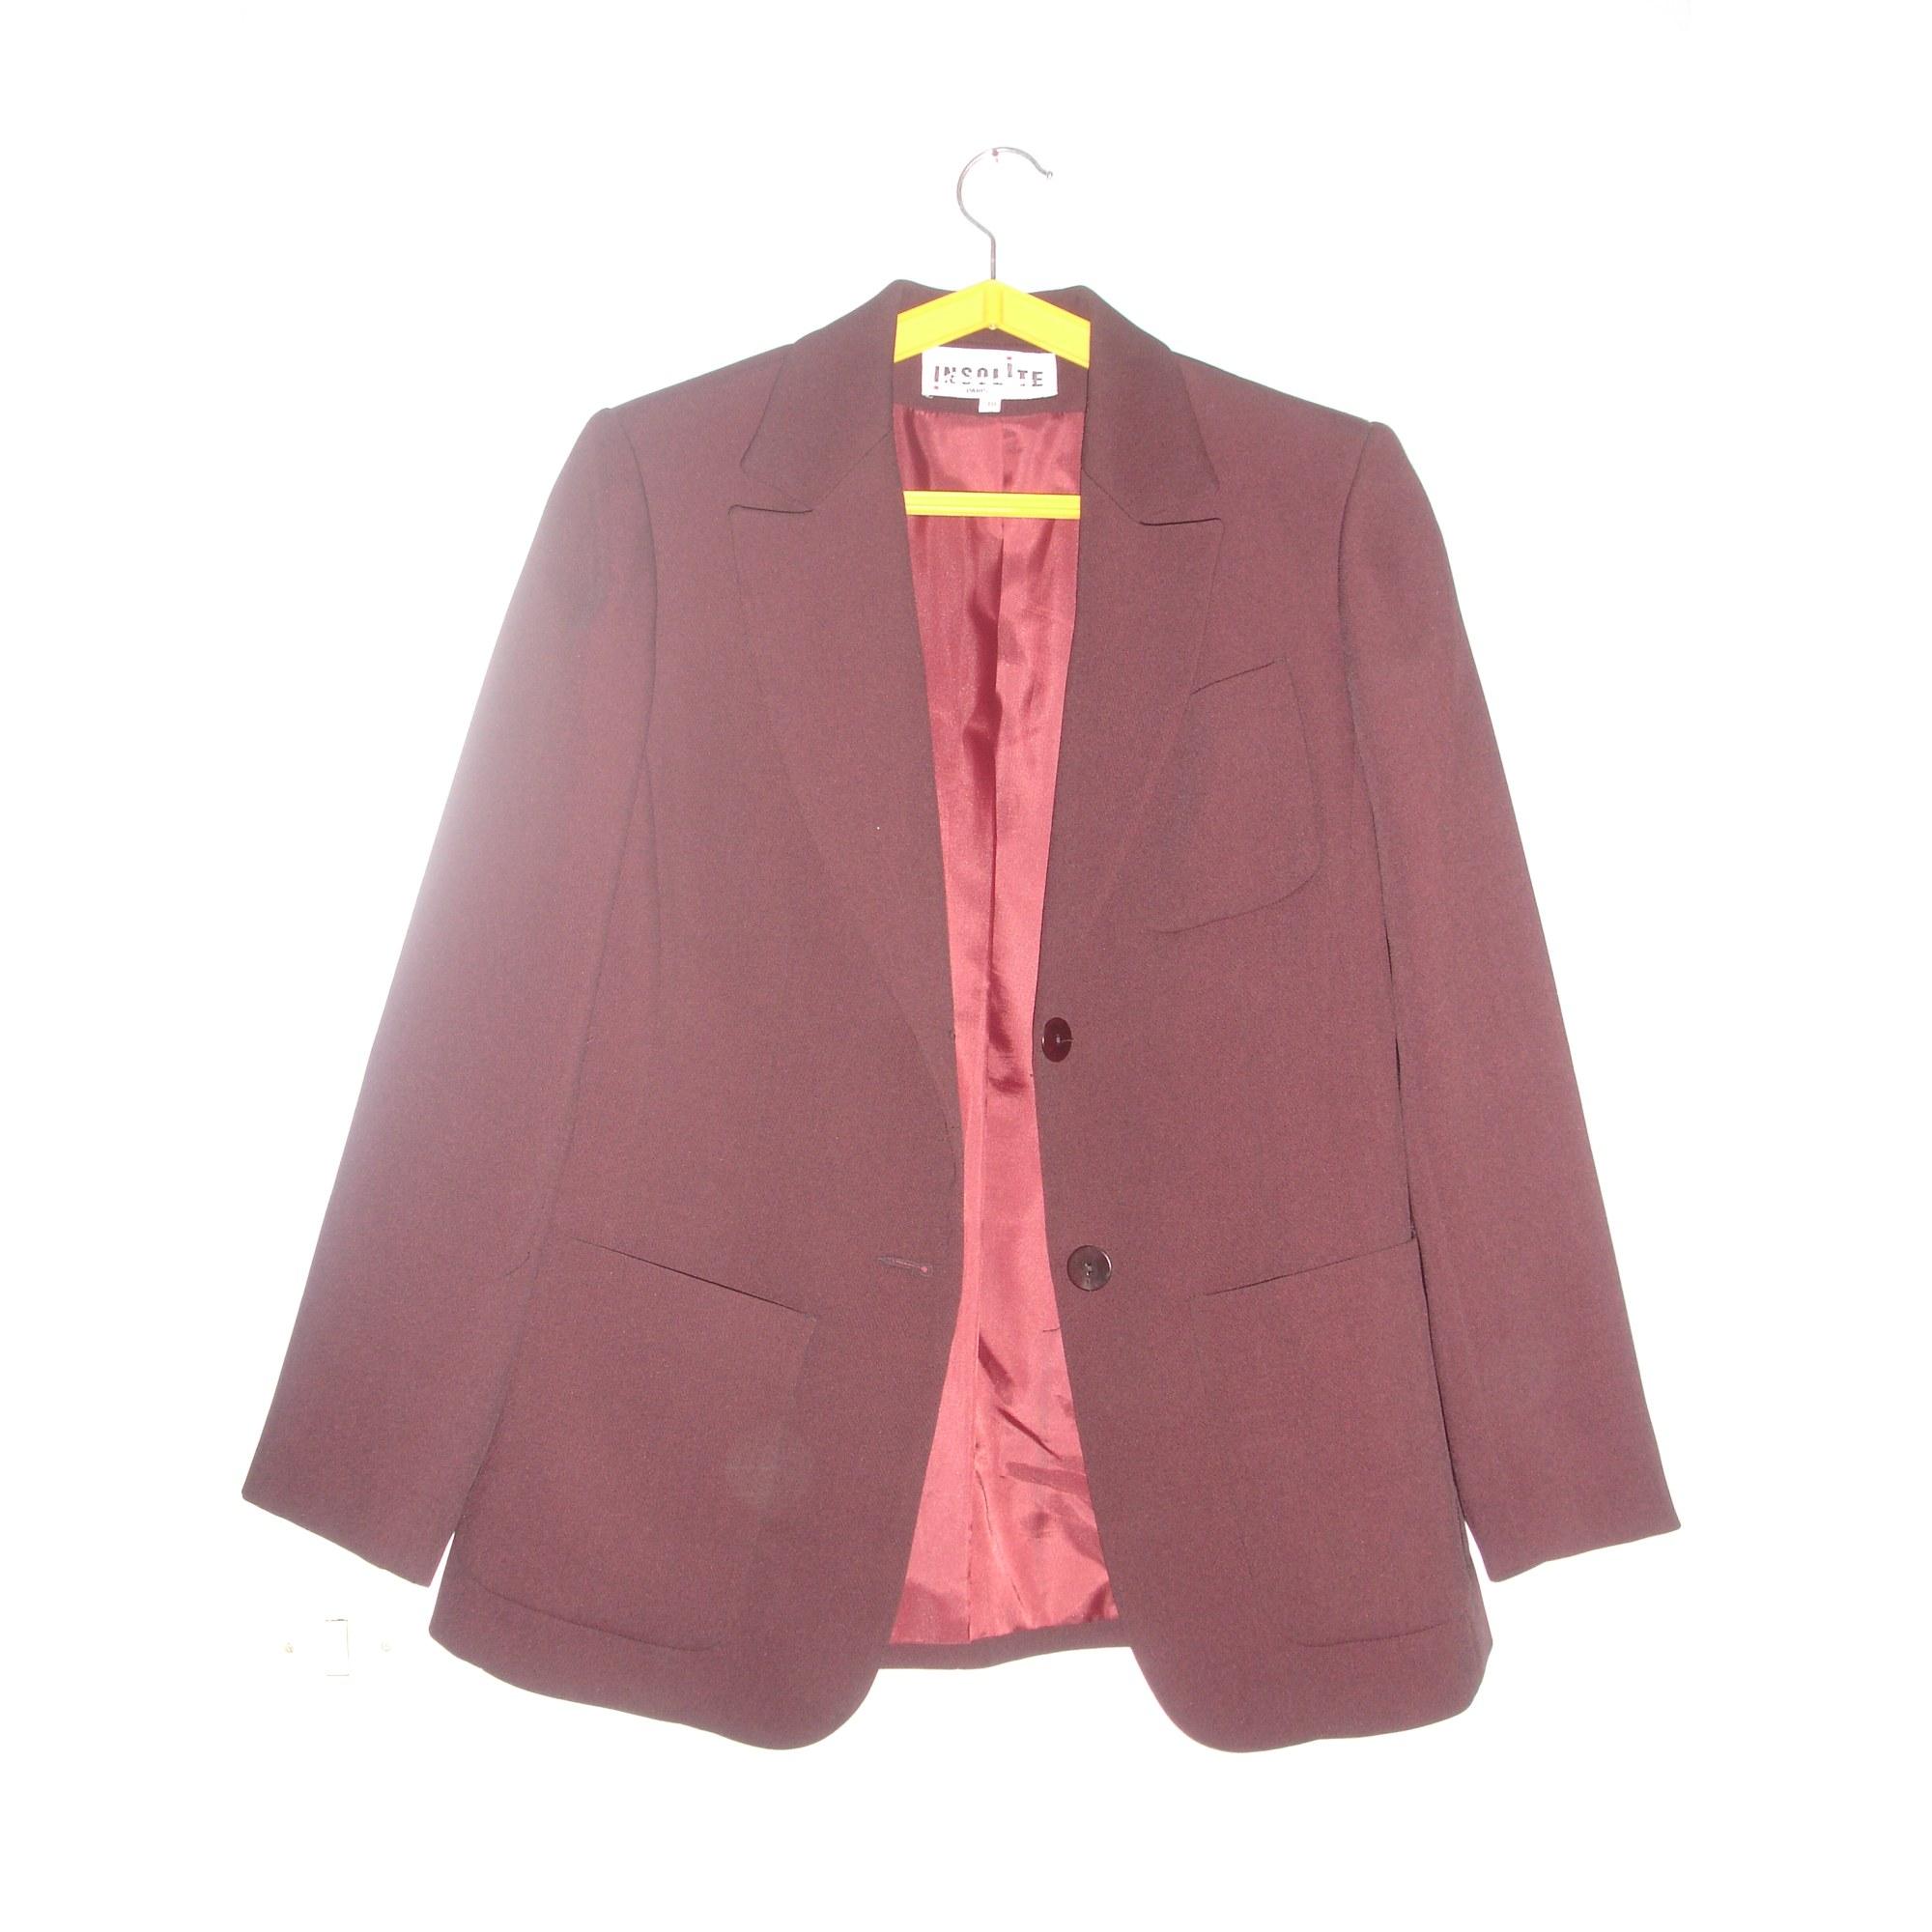 38 Blazer Julie Veste Par Insolite T2 Tailleur Vendu Rouge m 11tq6S